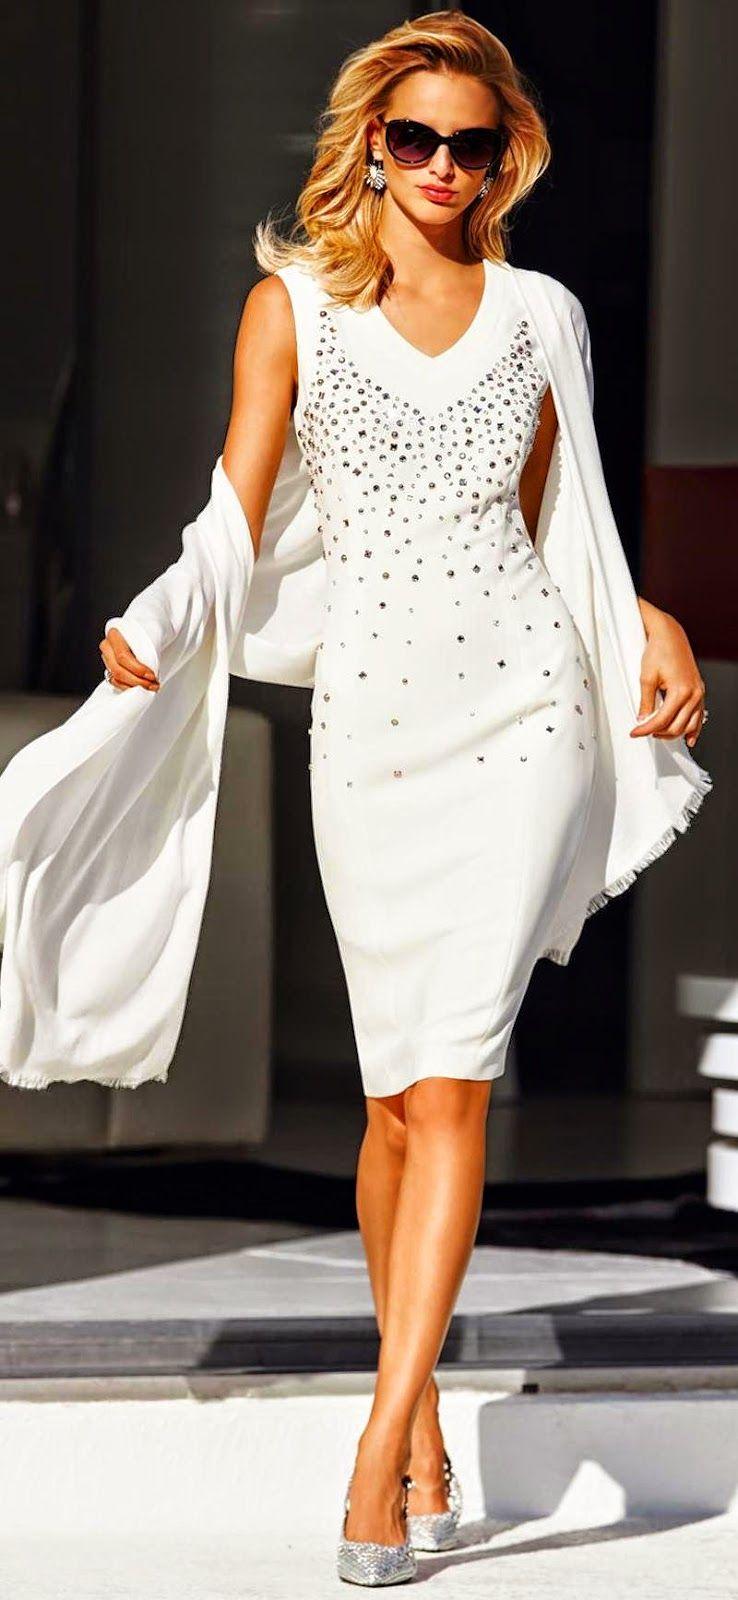 bf4ba445d1c Madeleine | Fashion 2 | Pinterest | Πολυτέλεια, Ενδυμασία και Φορέματα